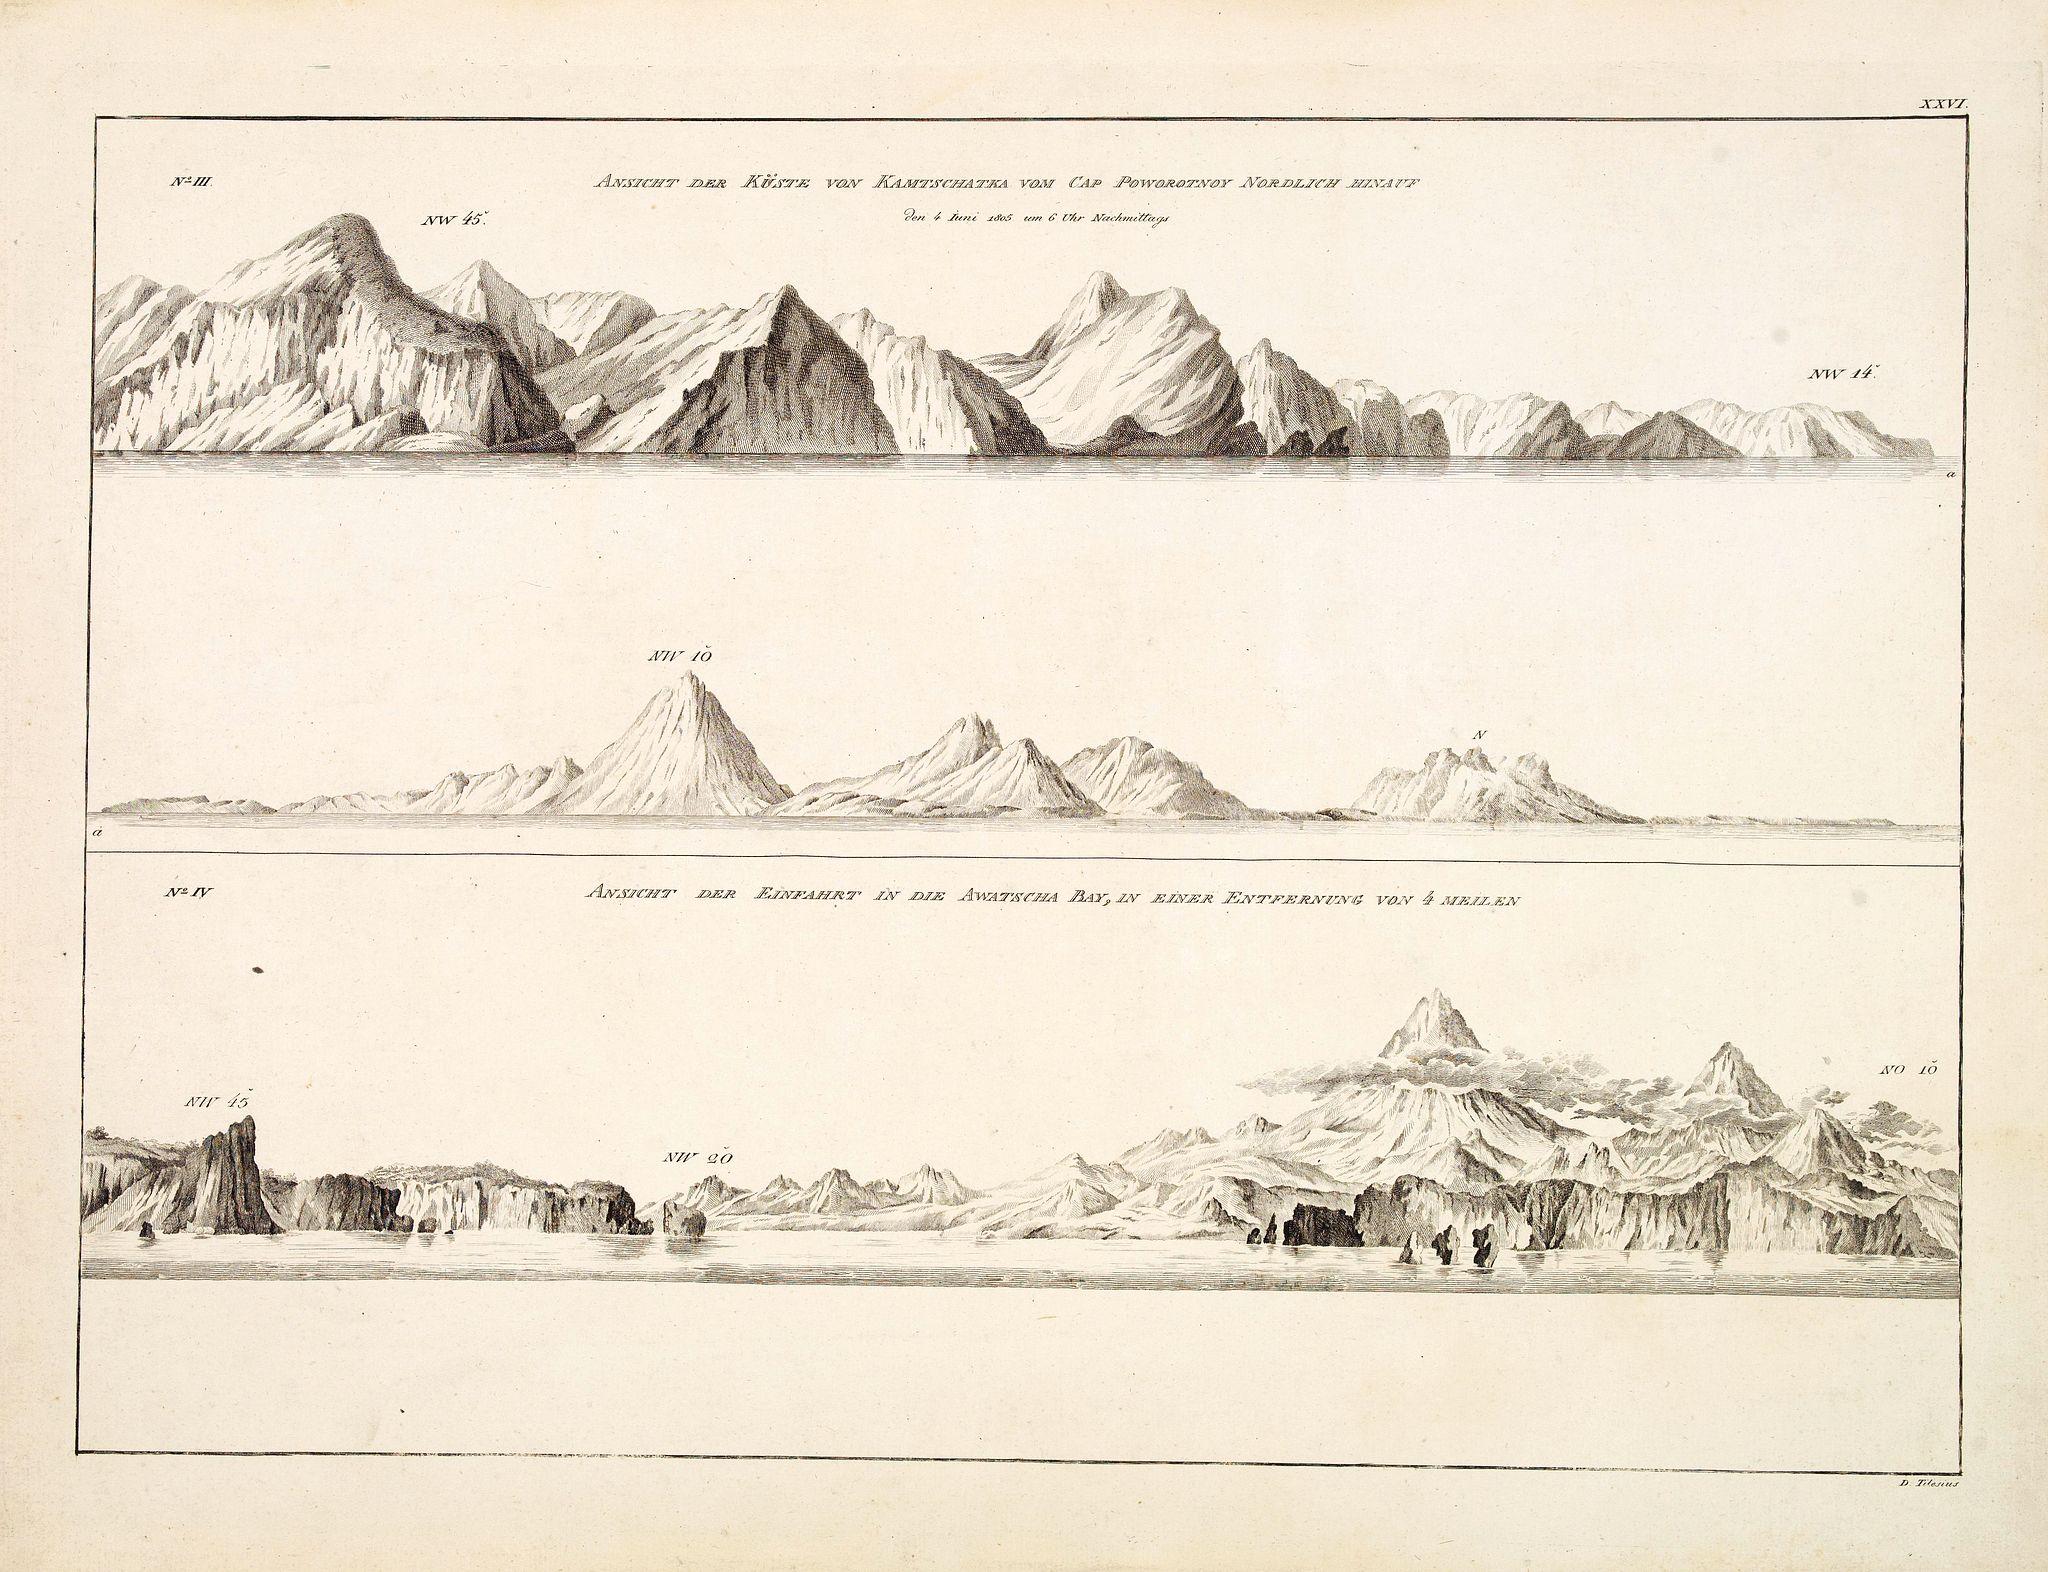 KRUSENSTERN, A.J. -  Ansicht der Küste von Kamtschatka vom Cap Poworotnoy Nordlich hinauf - Ansicht der Einfahrt in die Awatscha Bay, in einer entfernung von 4 meilen.